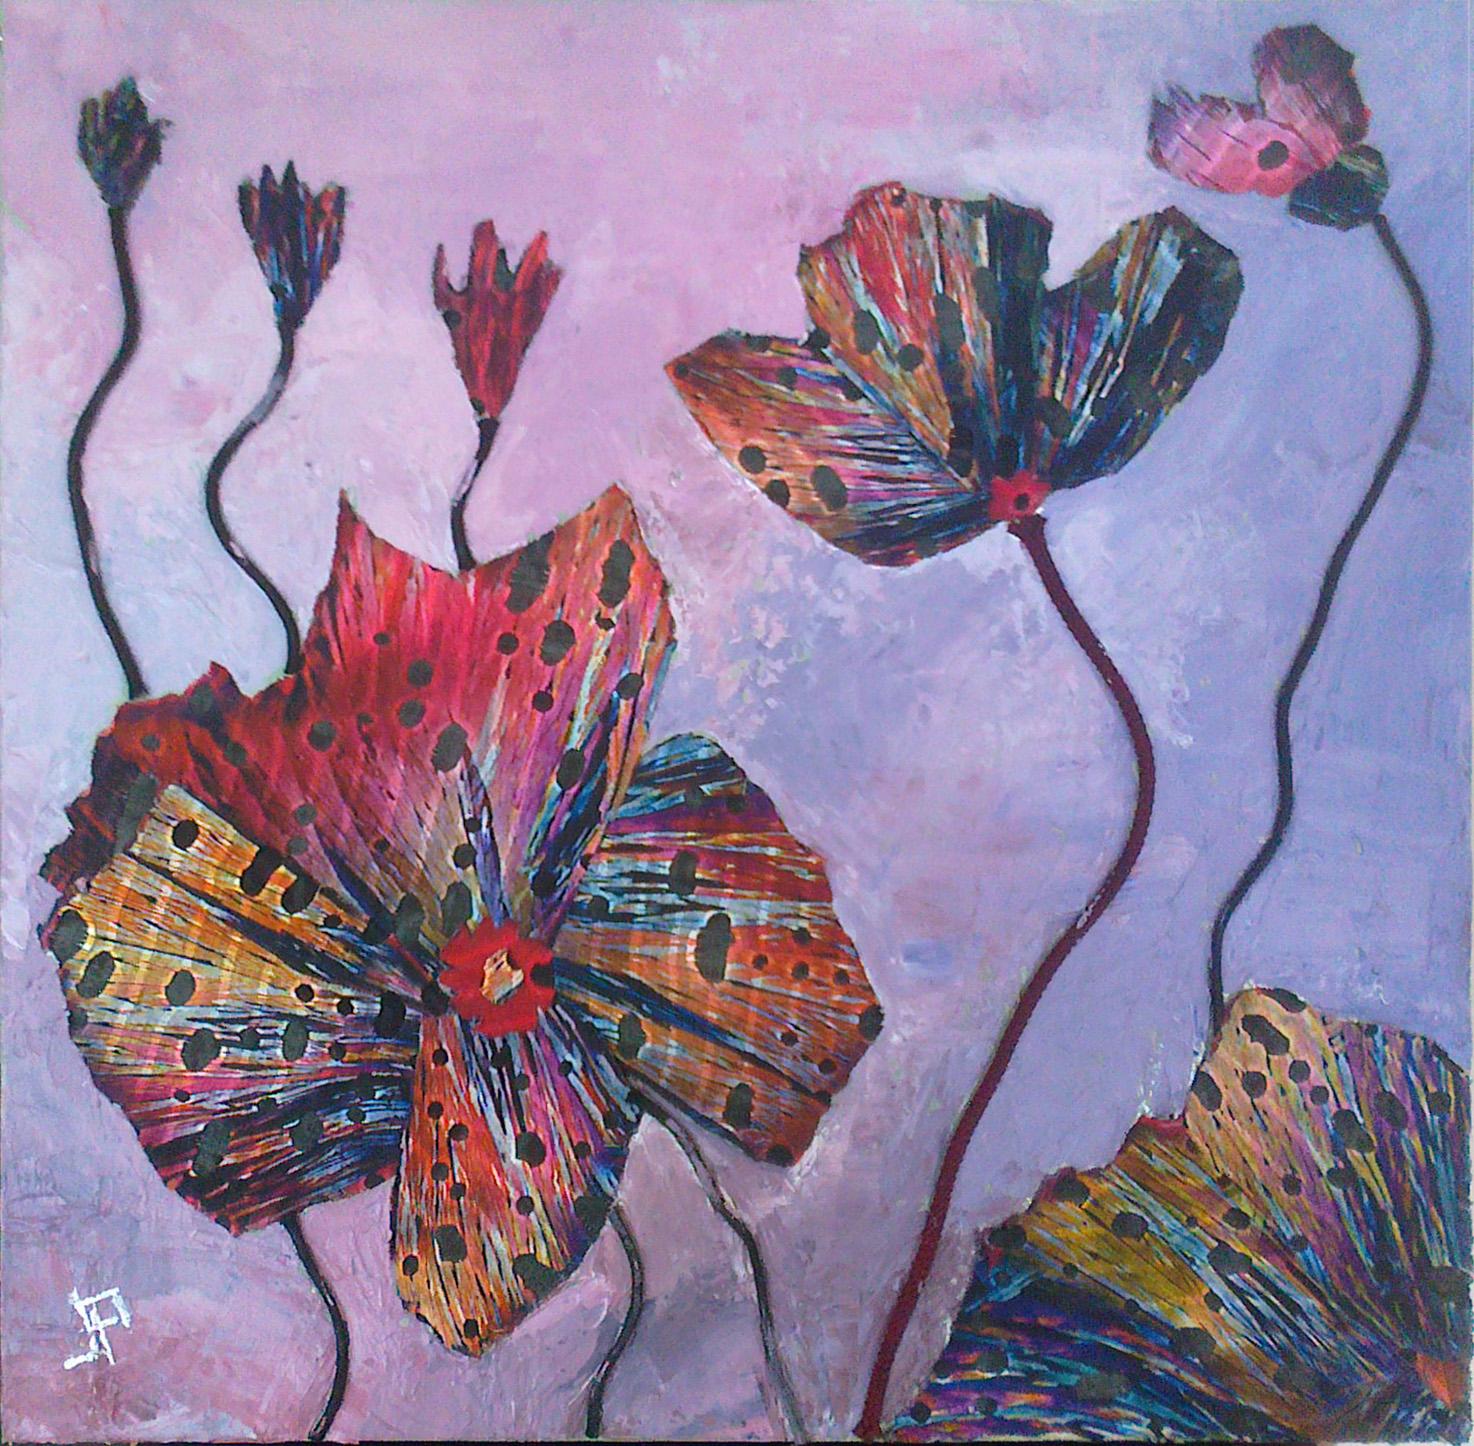 Tissusflowers